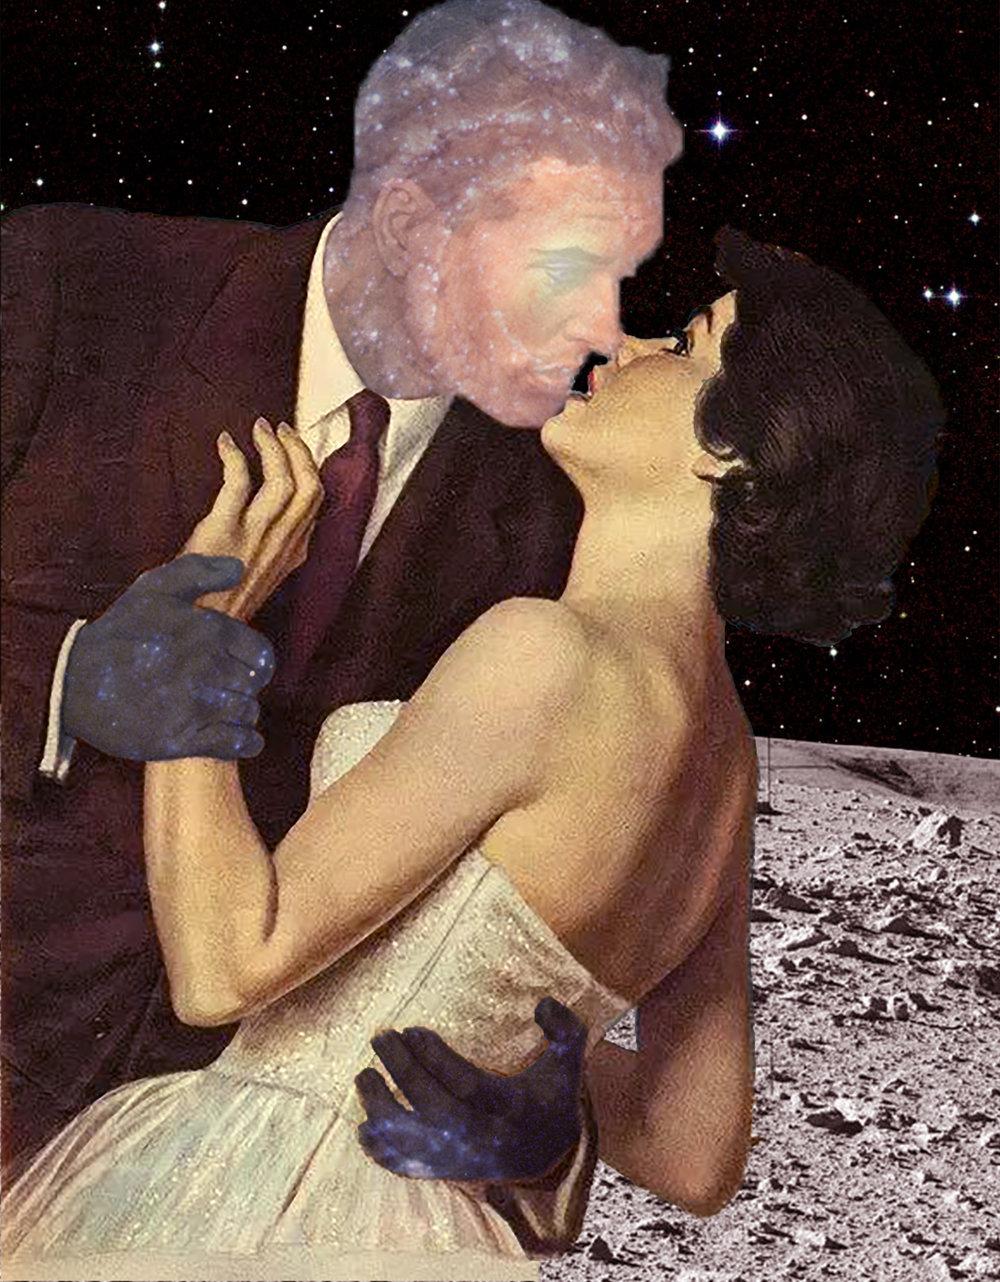 Galactic Boyfriend